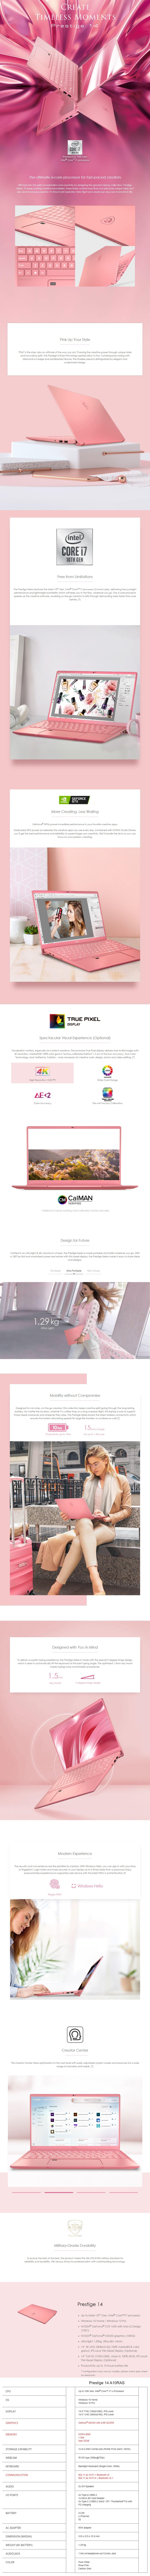 """MSI Prestige 14 A10RAS 14"""" Laptop i7-10710U 16GB 512GB MX330 W10P - Rose Pink - Overview 1"""